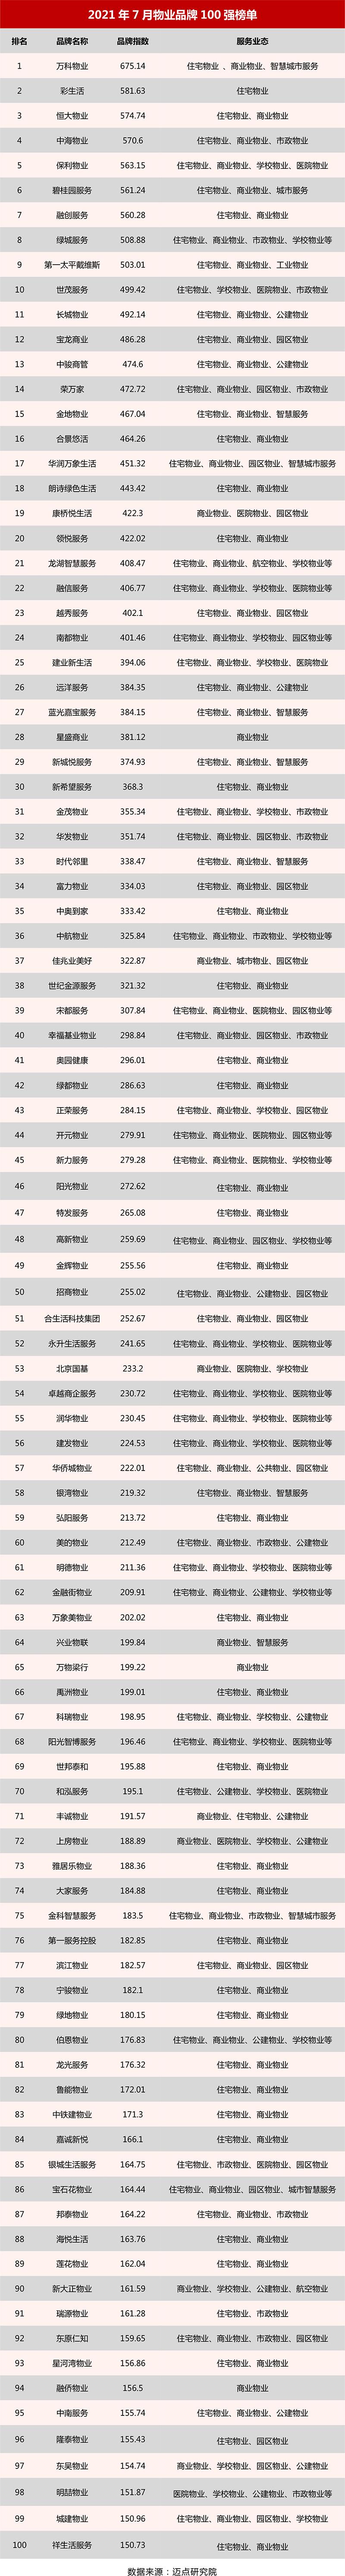 2021年7月物业品牌100强榜单.jpg